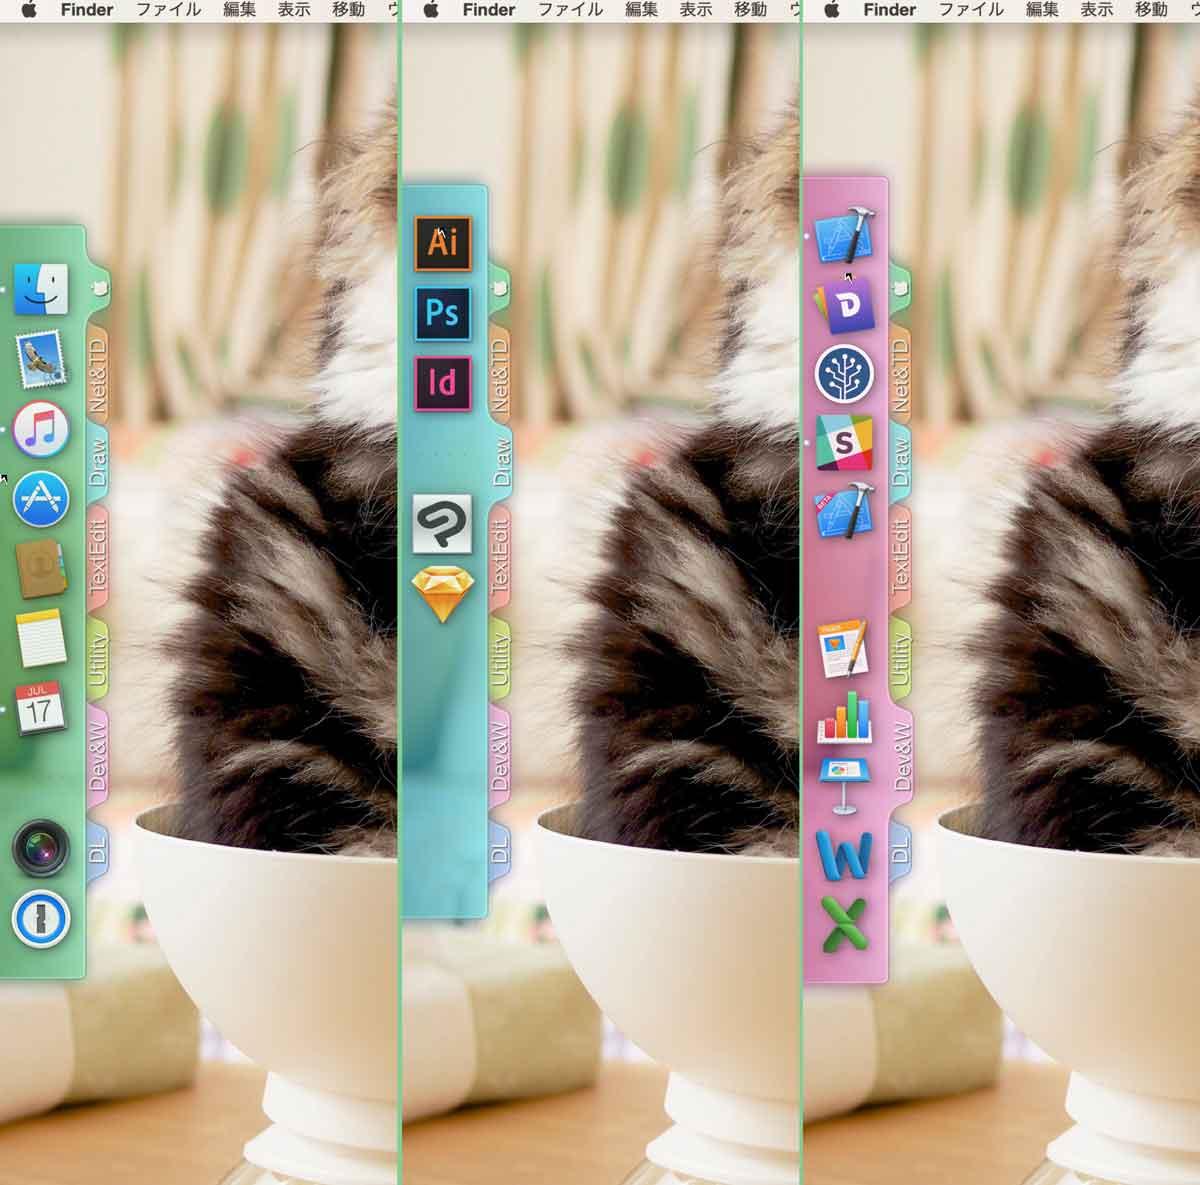 タブランチャーでアプリアイコンを整理整頓